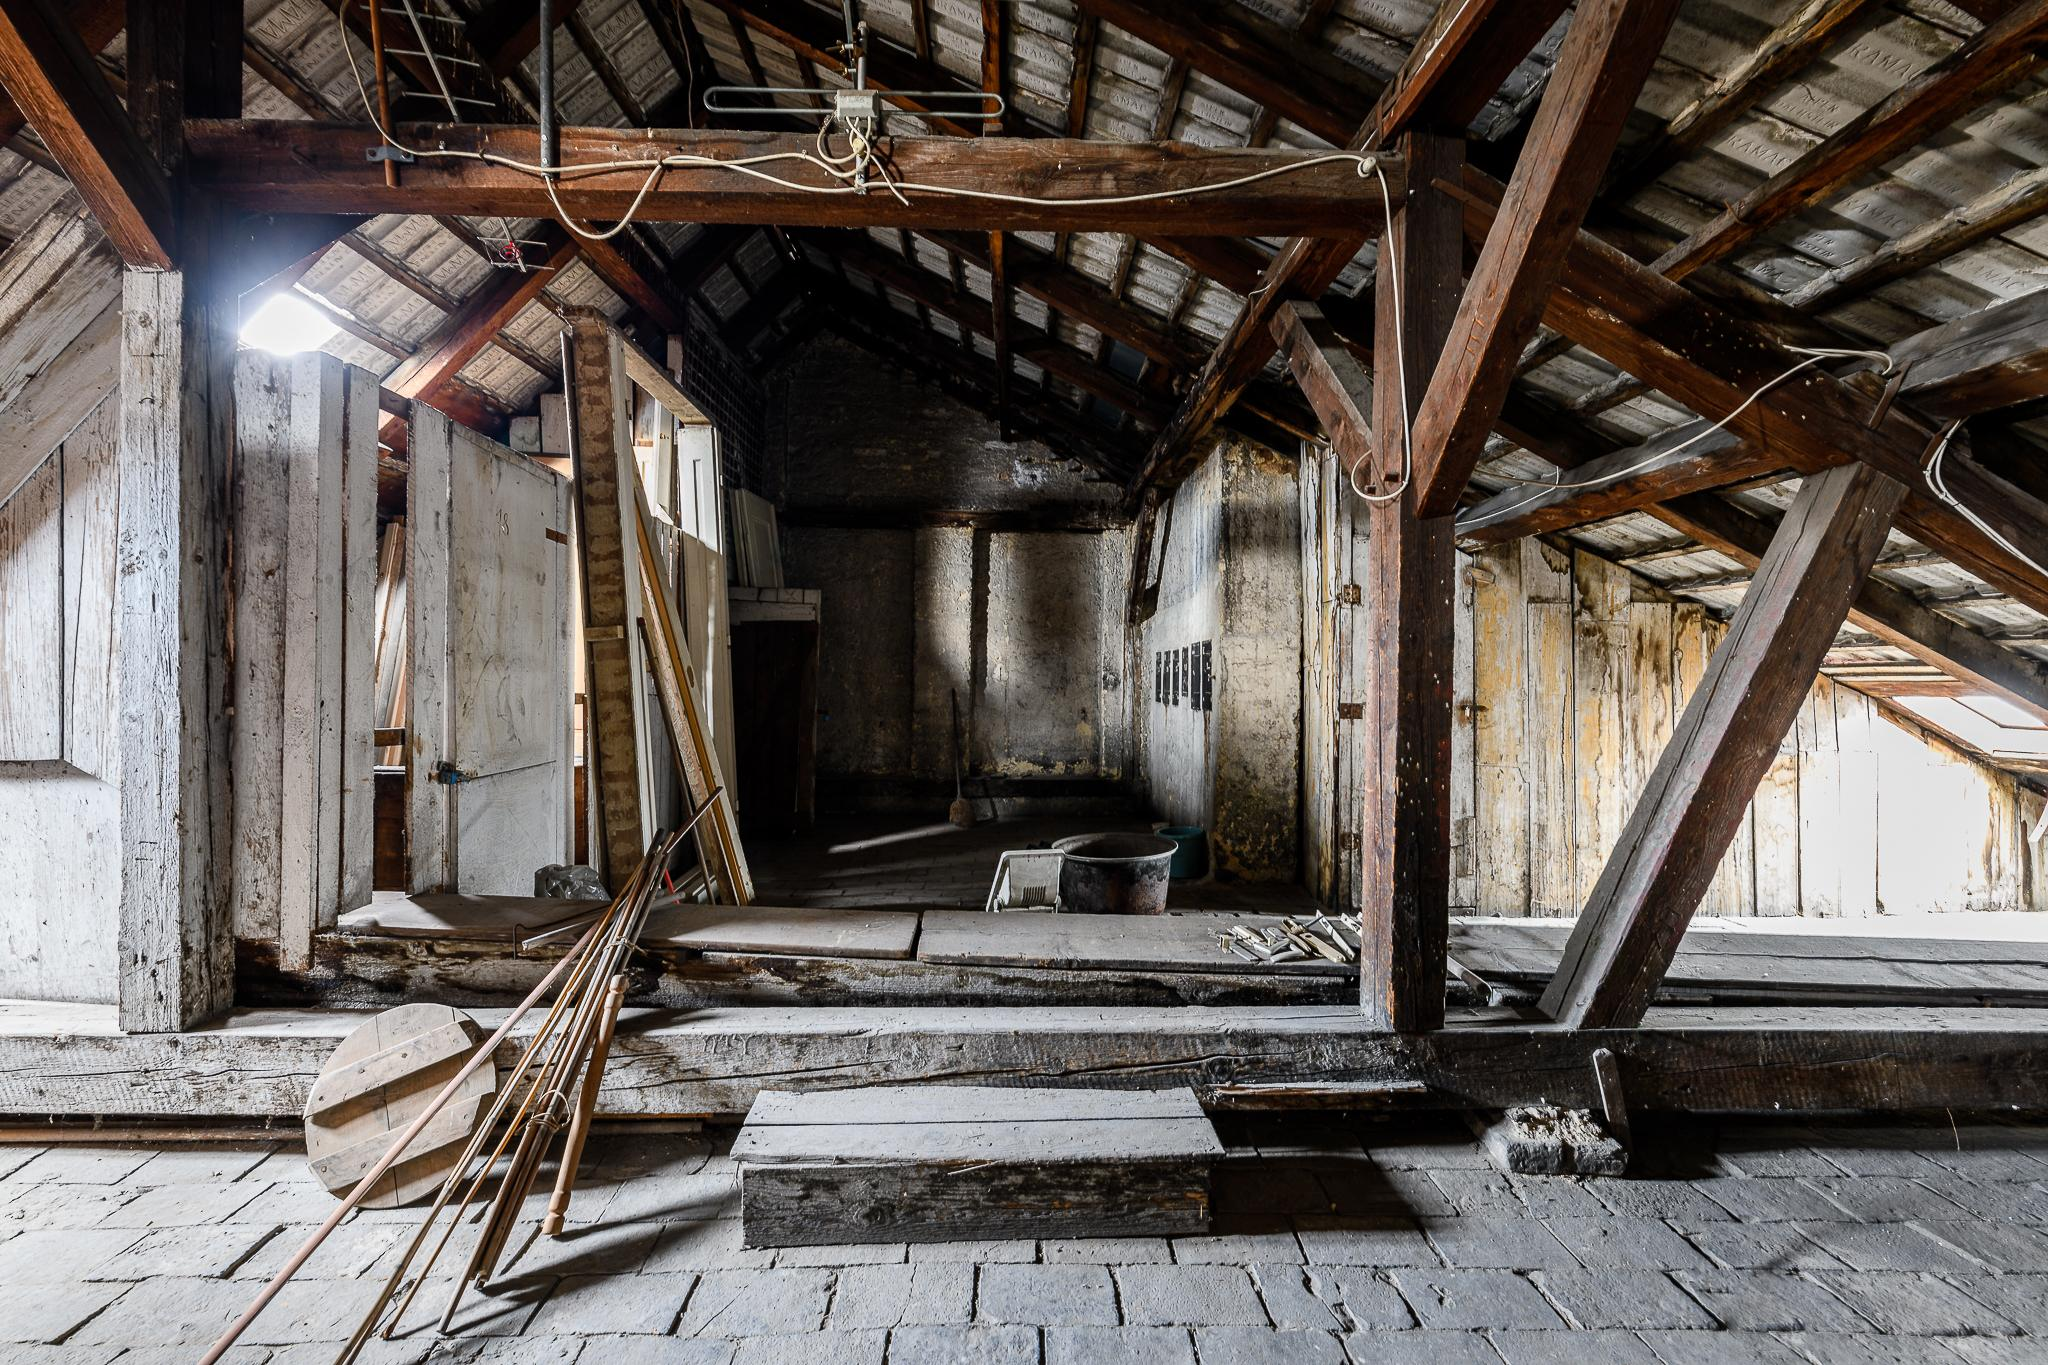 Sanierung und Instandhaltung Dachstuhl und Dachausbau in 1100 Wien THON Baubetreuung